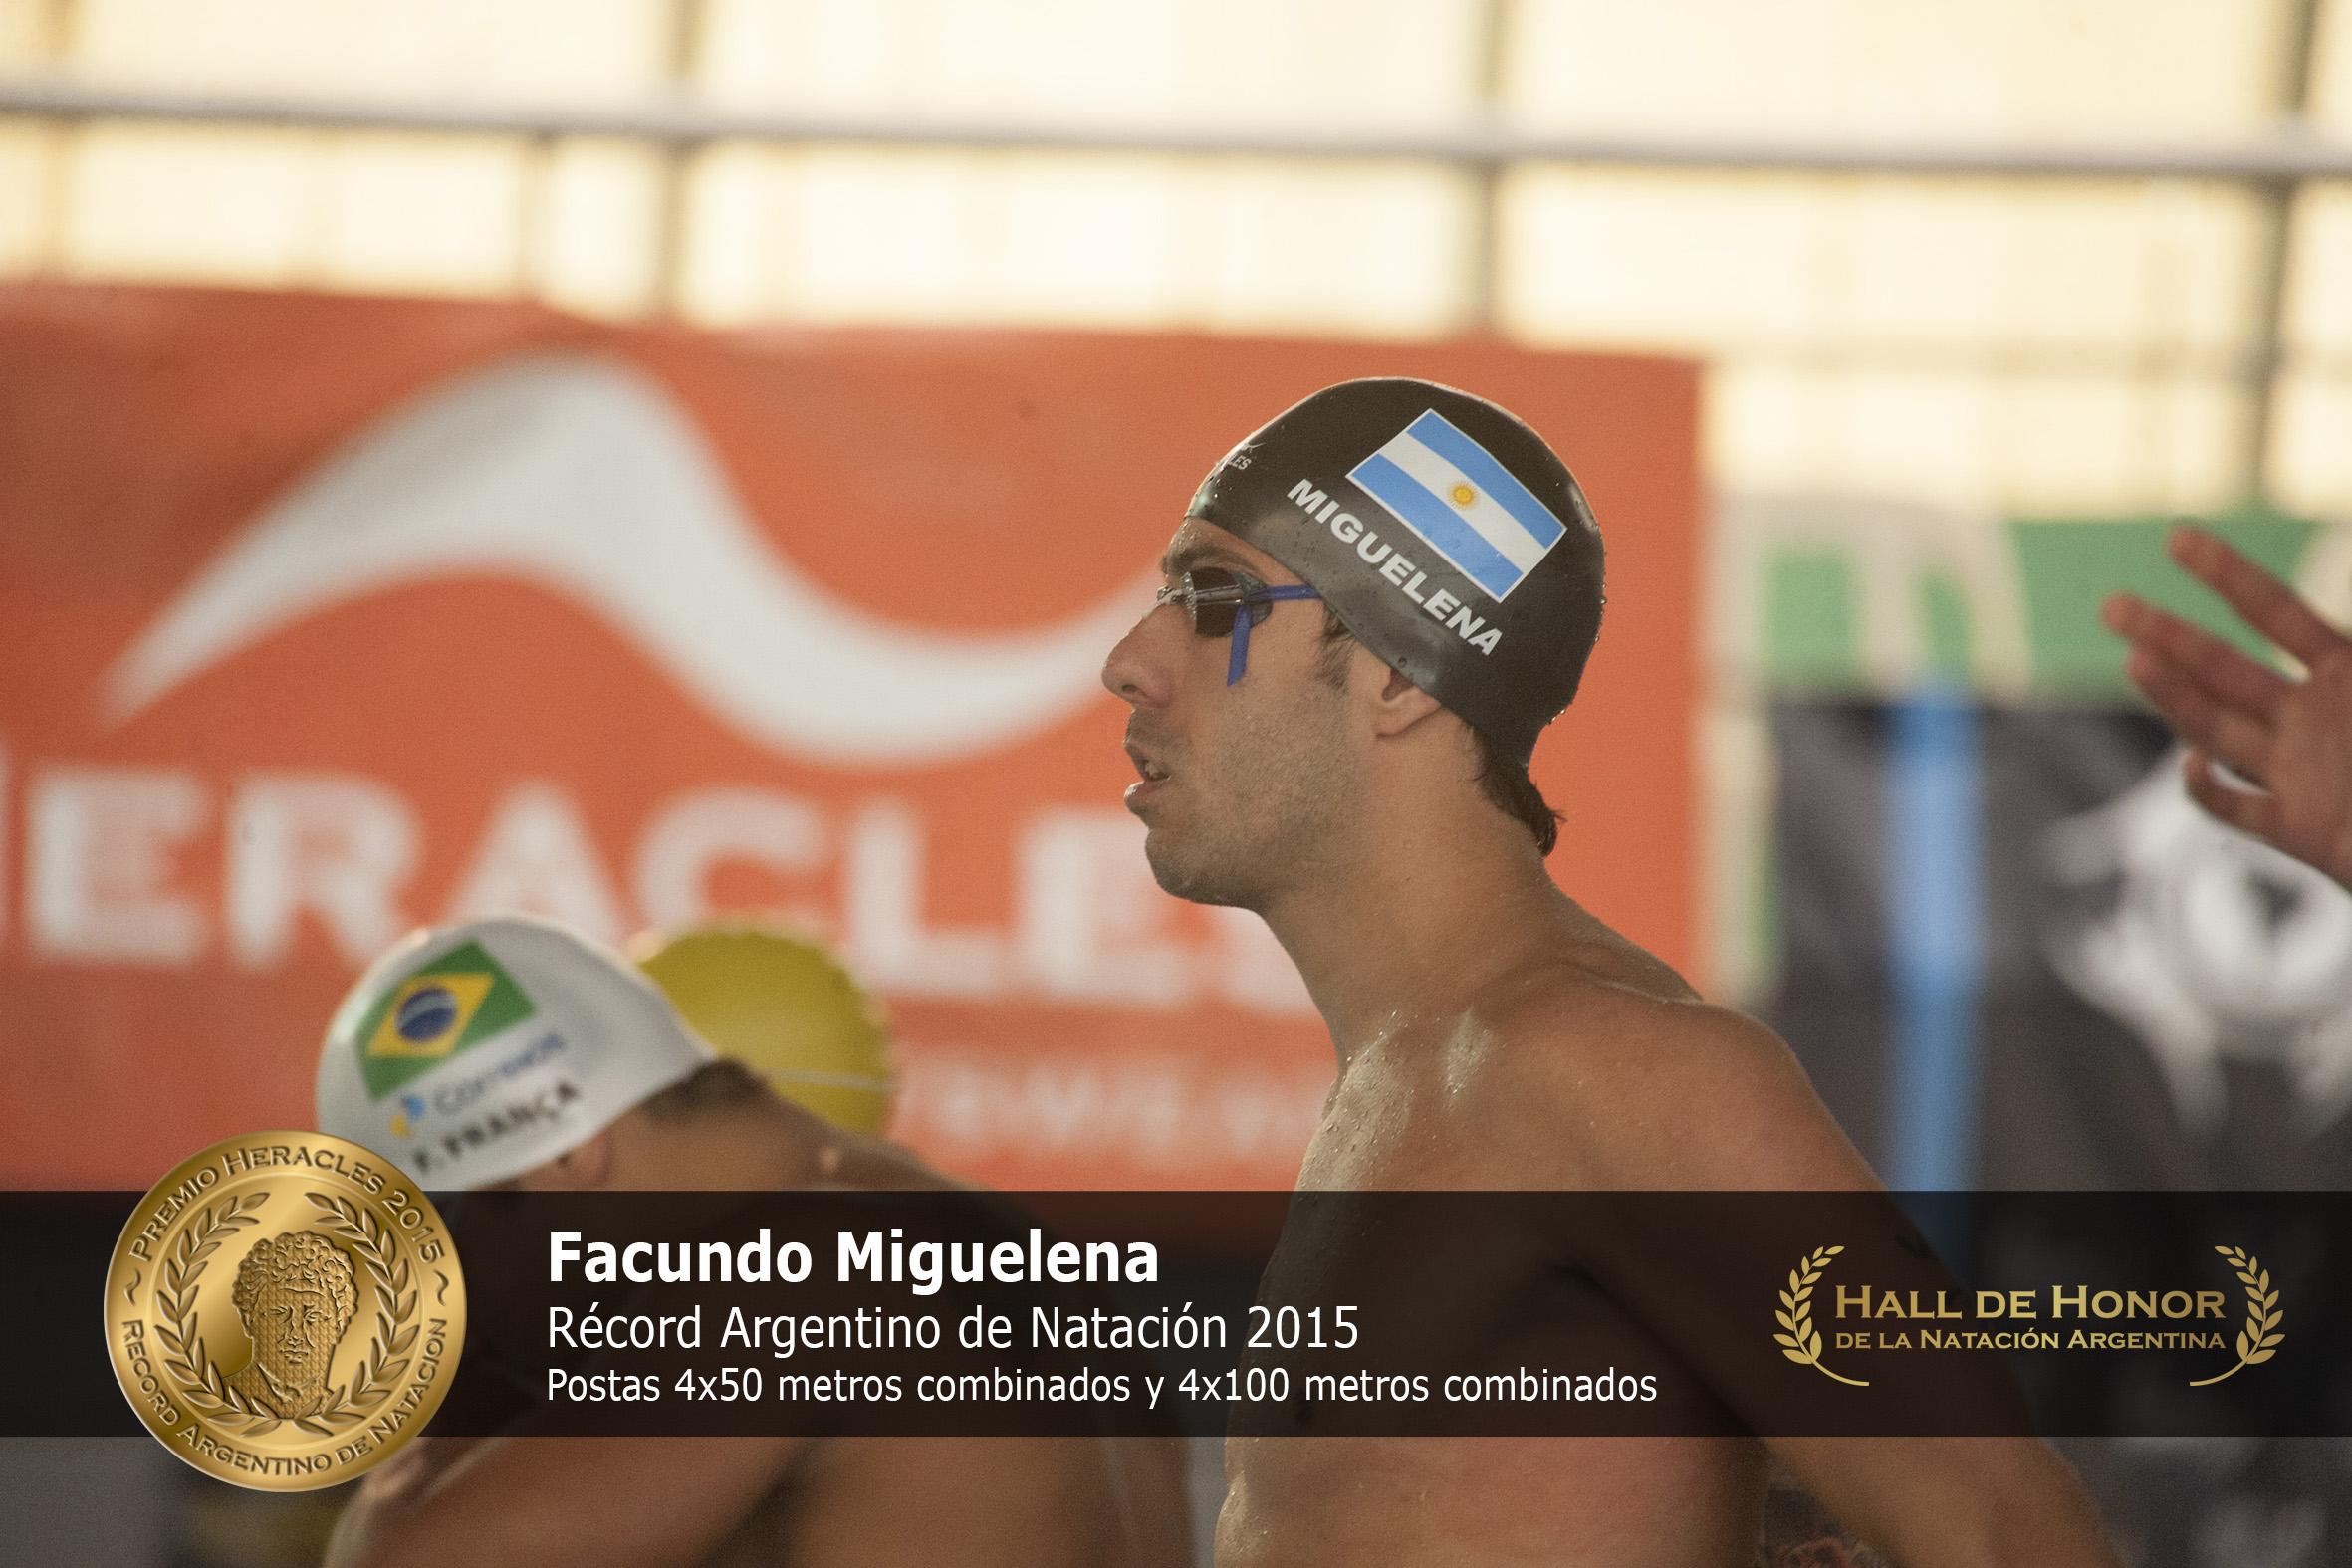 Facundo Miguelena